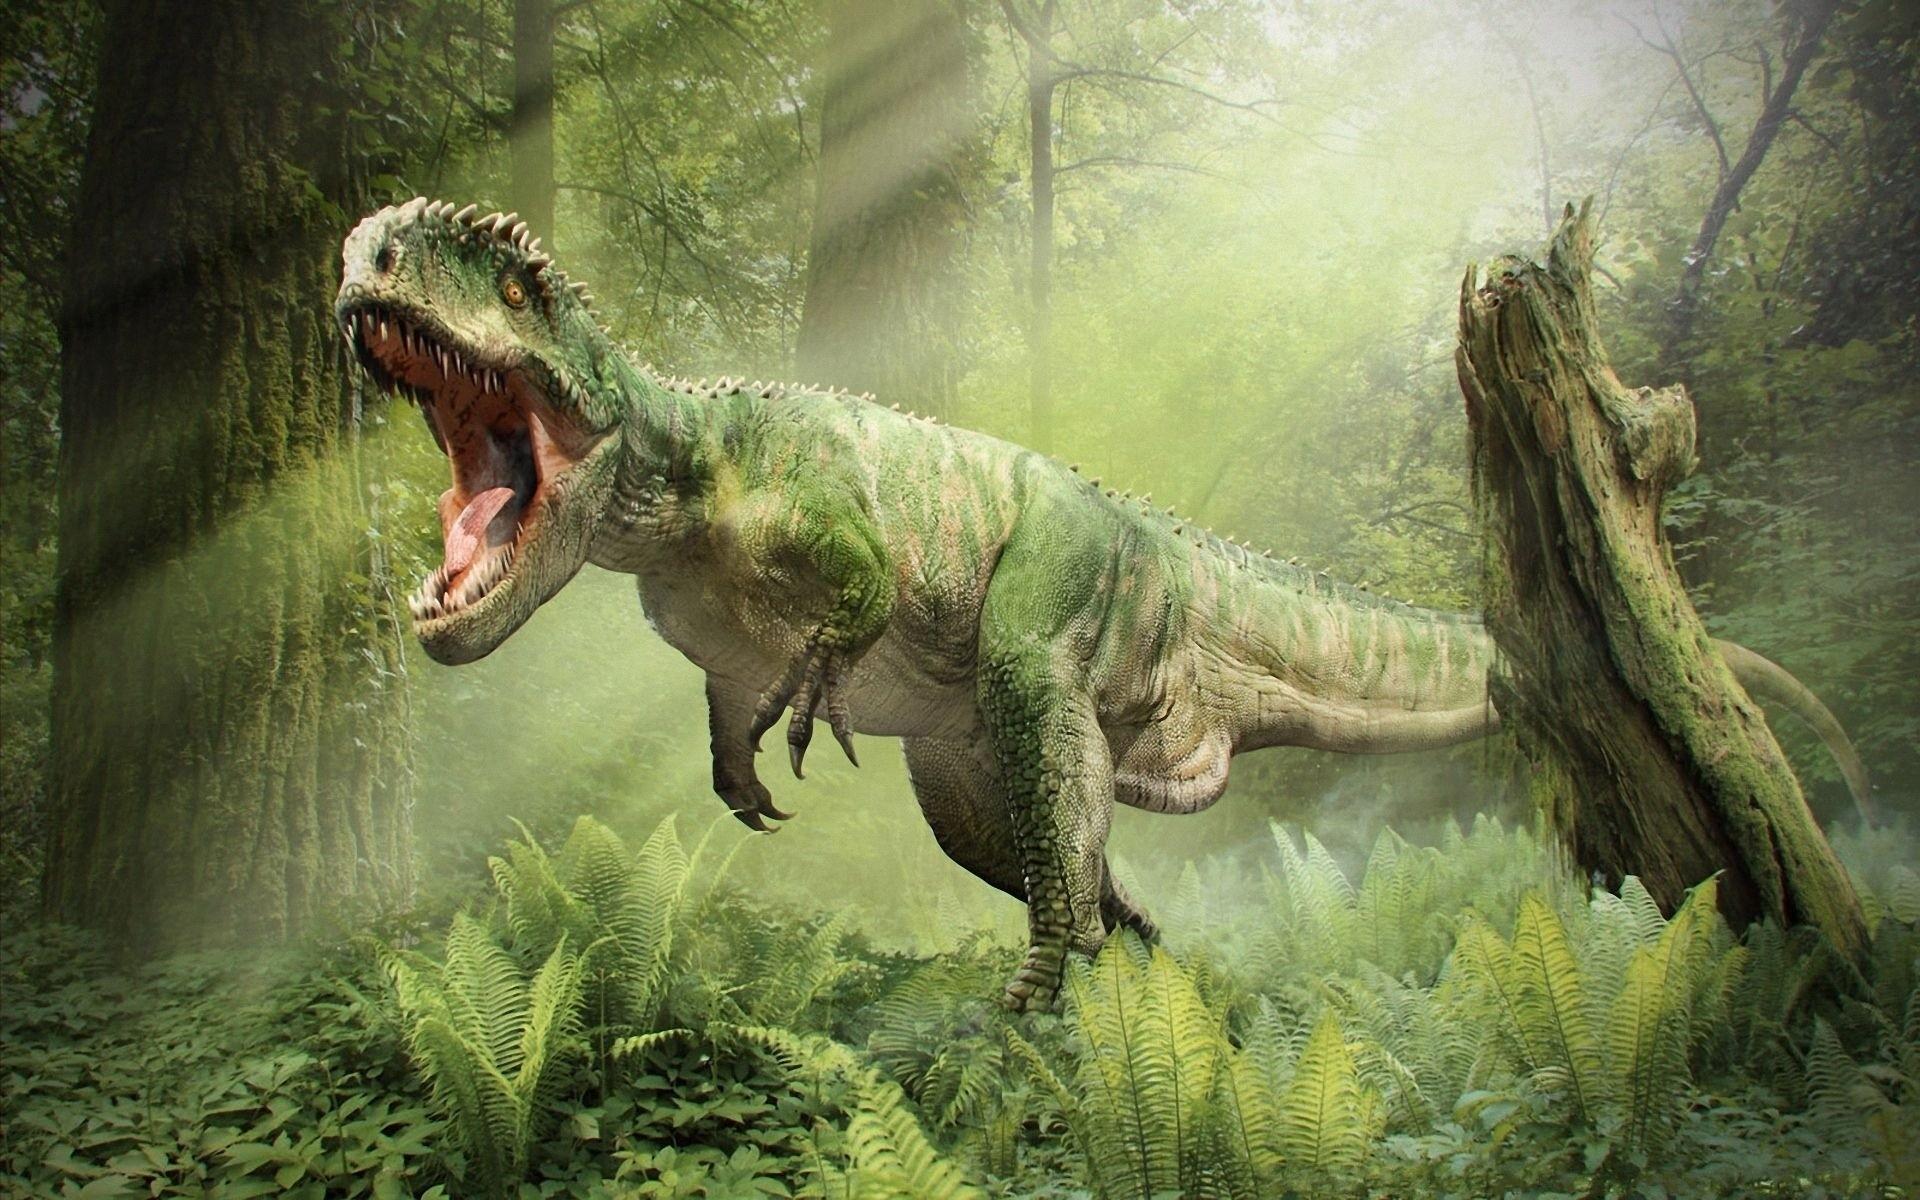 Res: 1920x1200, Tyrannosaurus rex roar t-rex dinosaur wallpaper |  | 75114 |  WallpaperUP